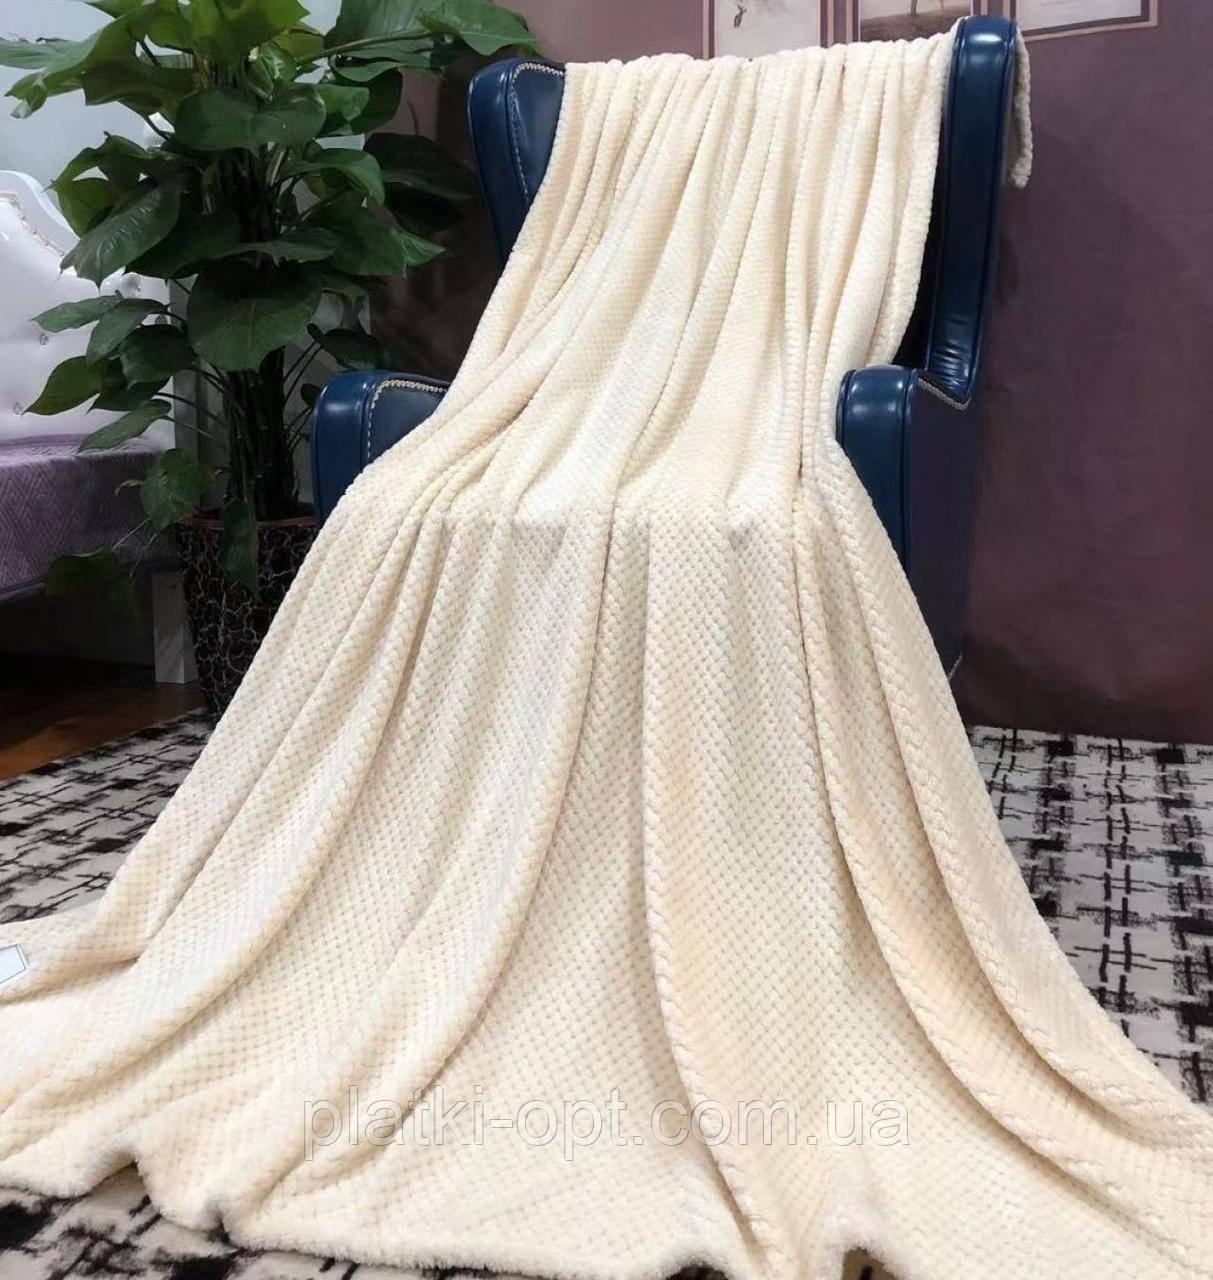 Покрывало велюровое бамбук (кремовое) 200х230 см